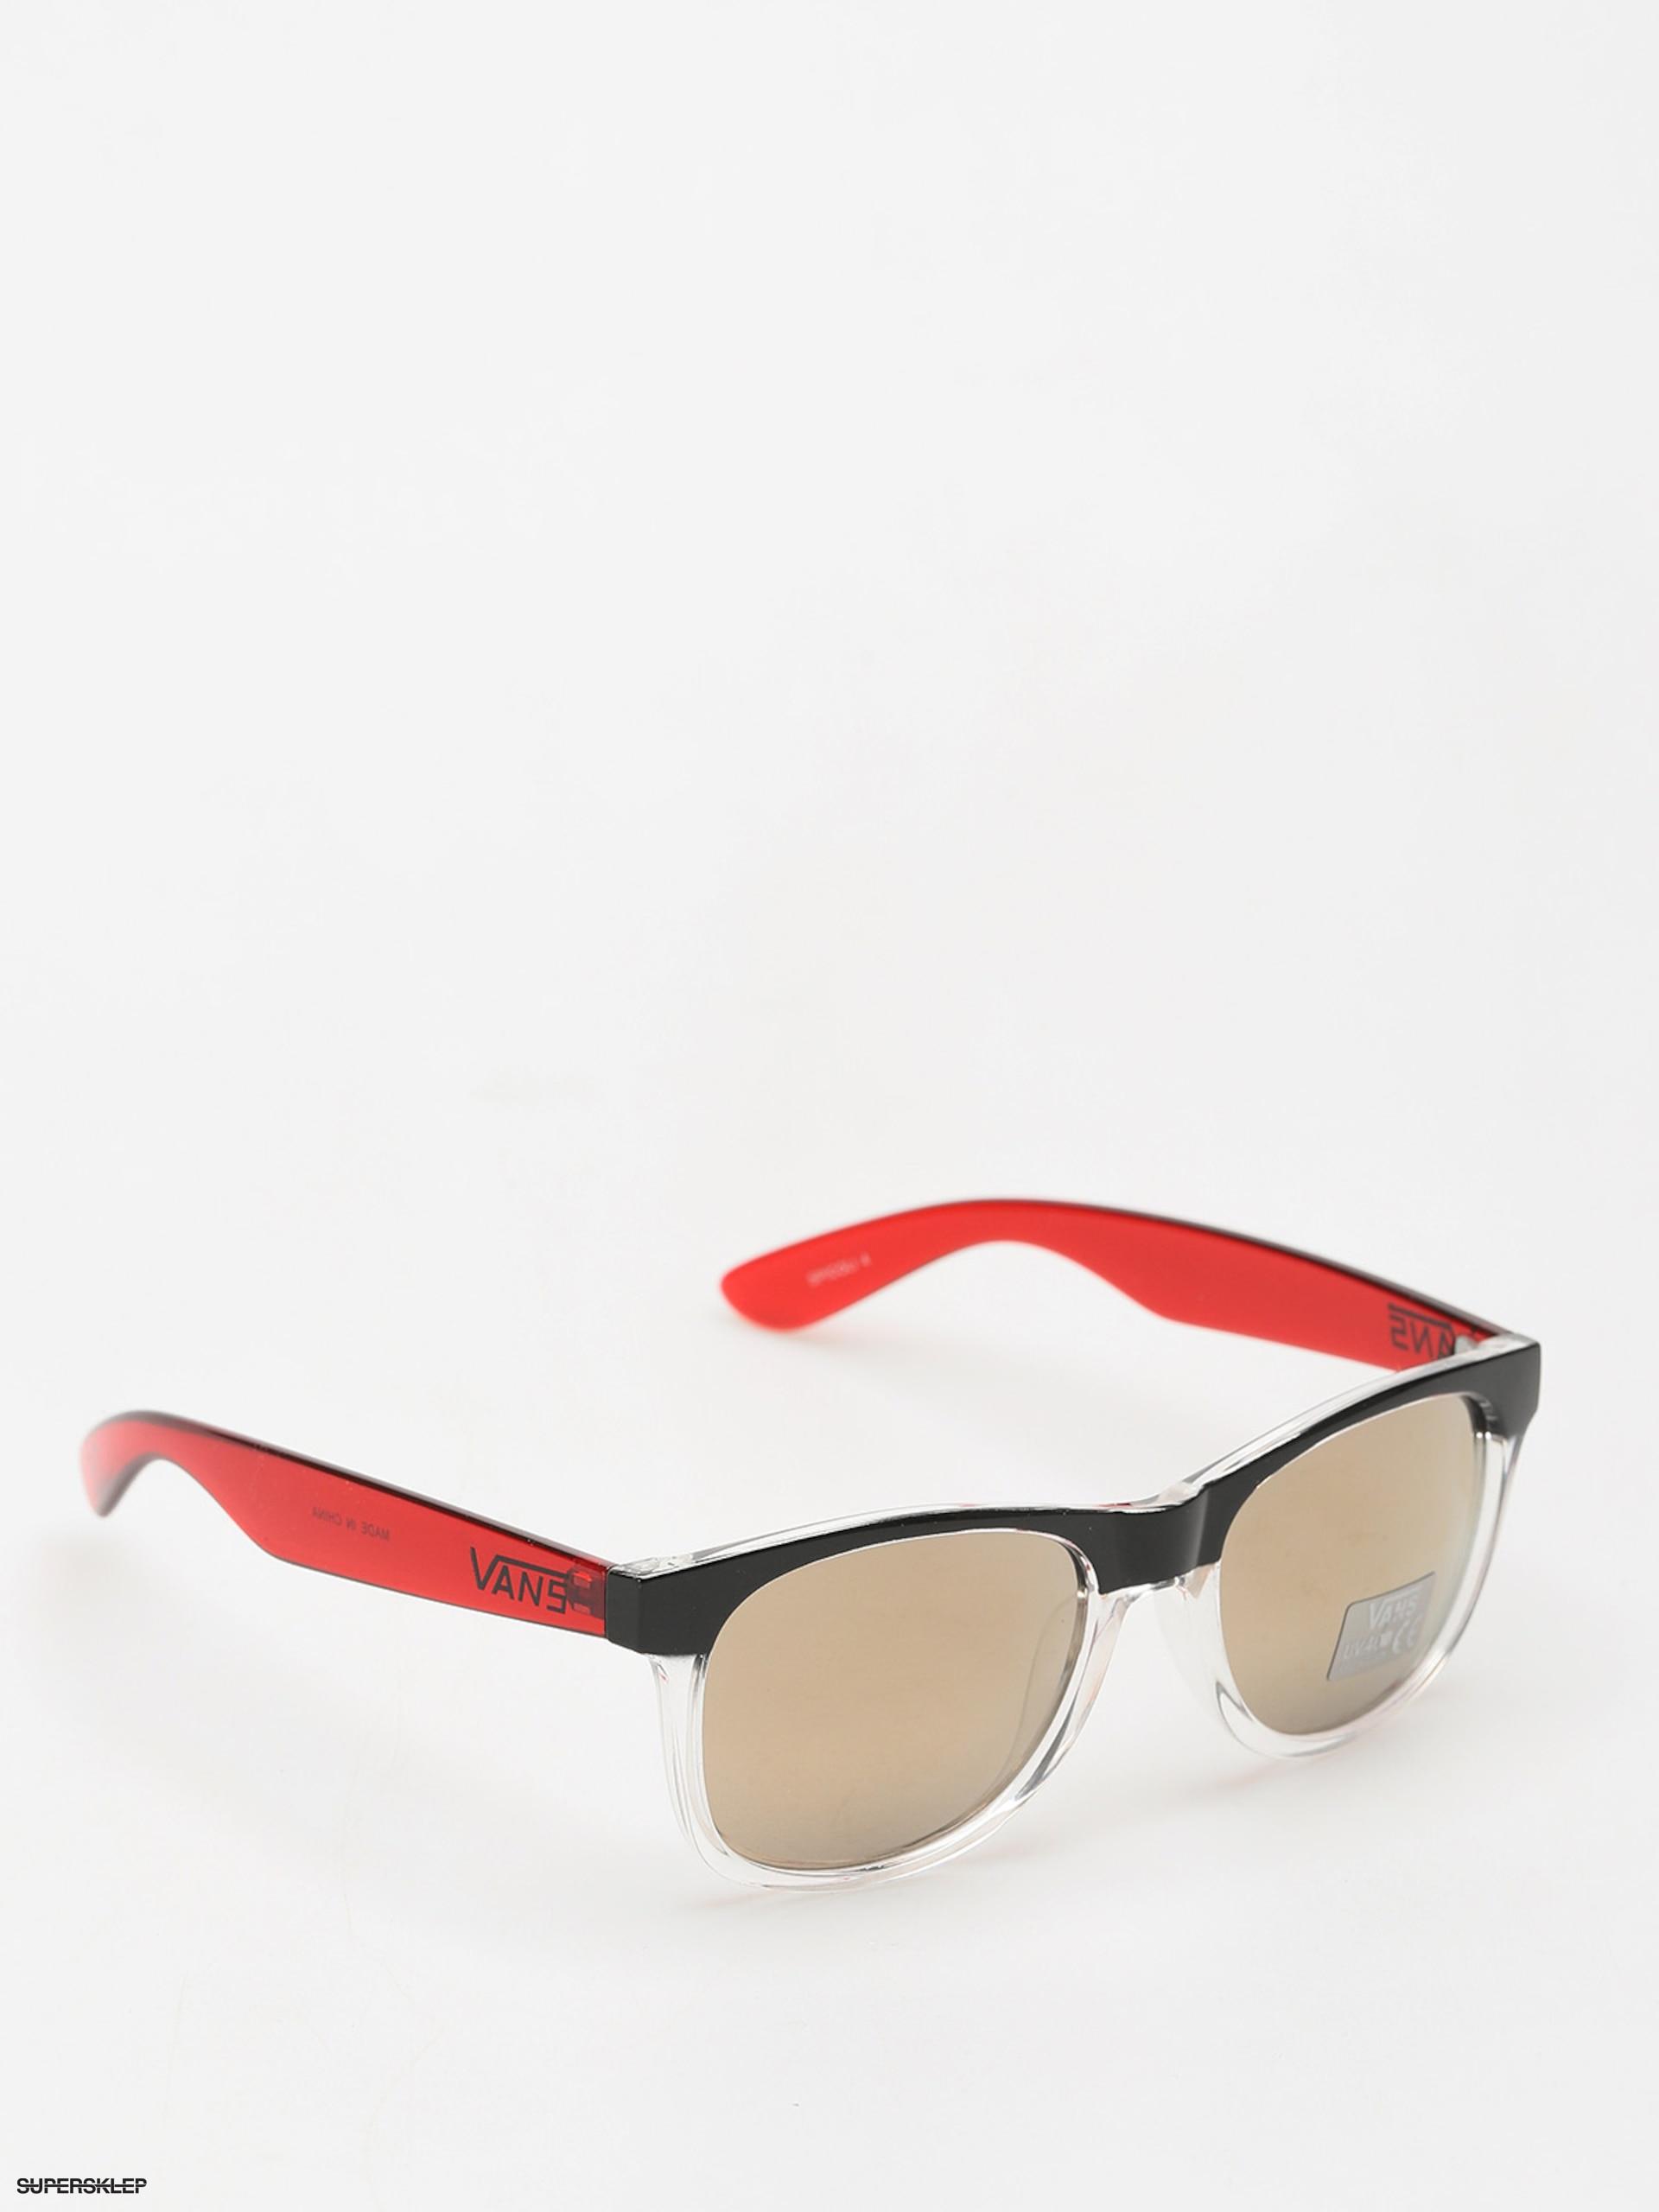 Slnečné okuliare Vans Spicoli 4 (clear black chili pepper) 25a24500f74